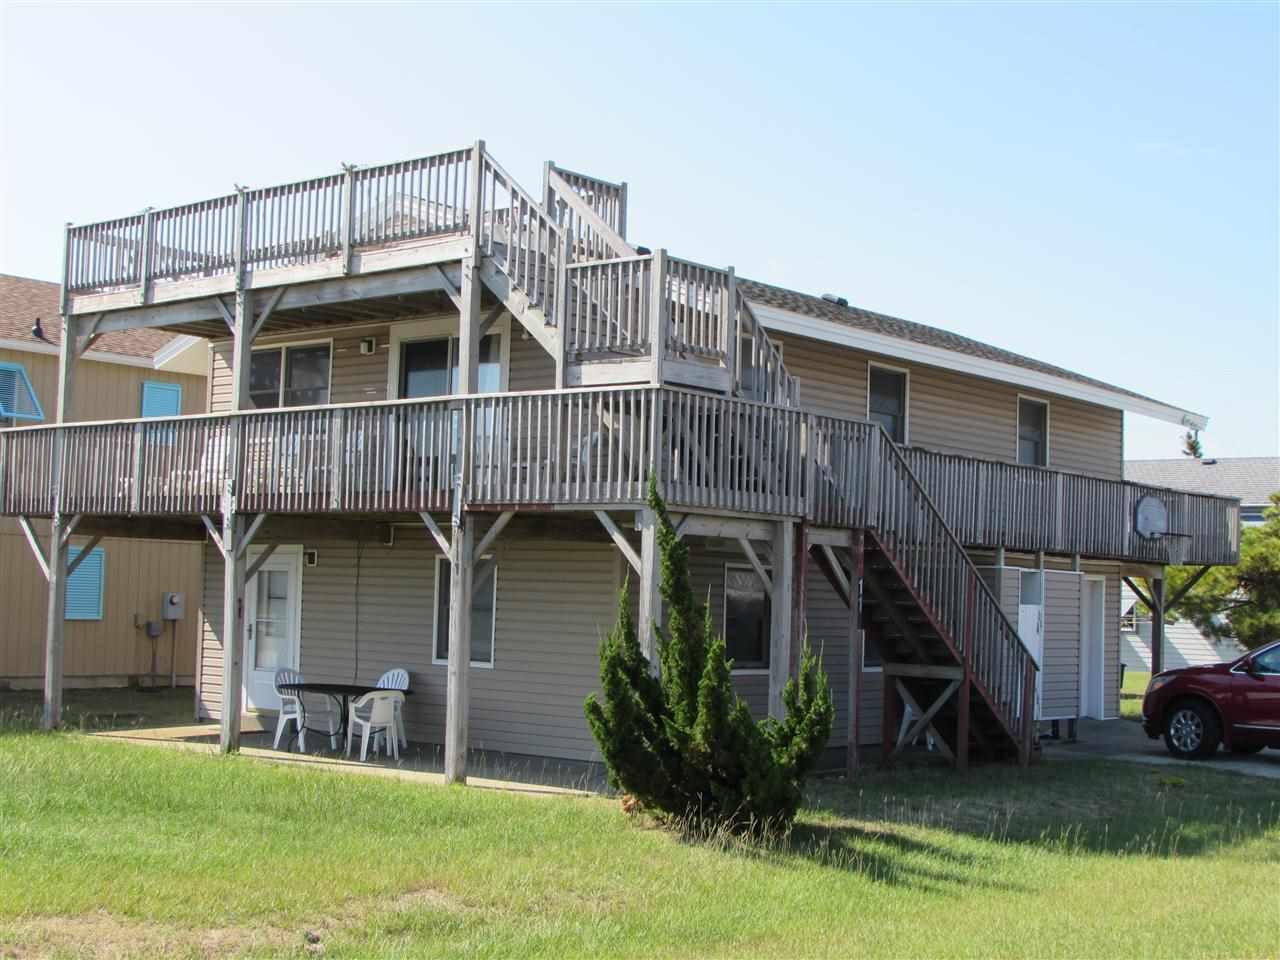 117 Meadowlark Street,Kill Devil Hills,NC 27948,3 Bedrooms Bedrooms,2 BathroomsBathrooms,Residential,Meadowlark Street,85408